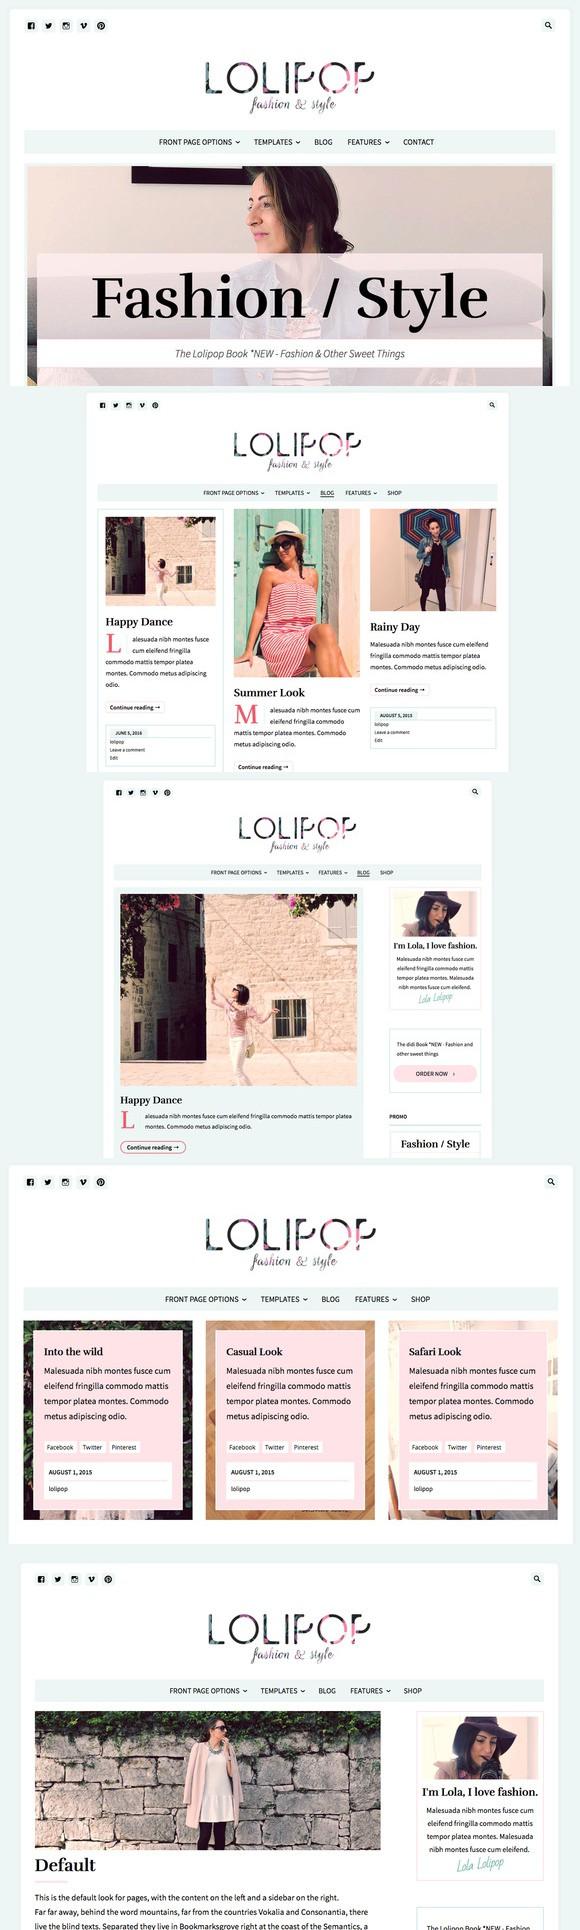 Lolipop-Fashion Blog WordPress Theme. WordPress Blog Themes ...